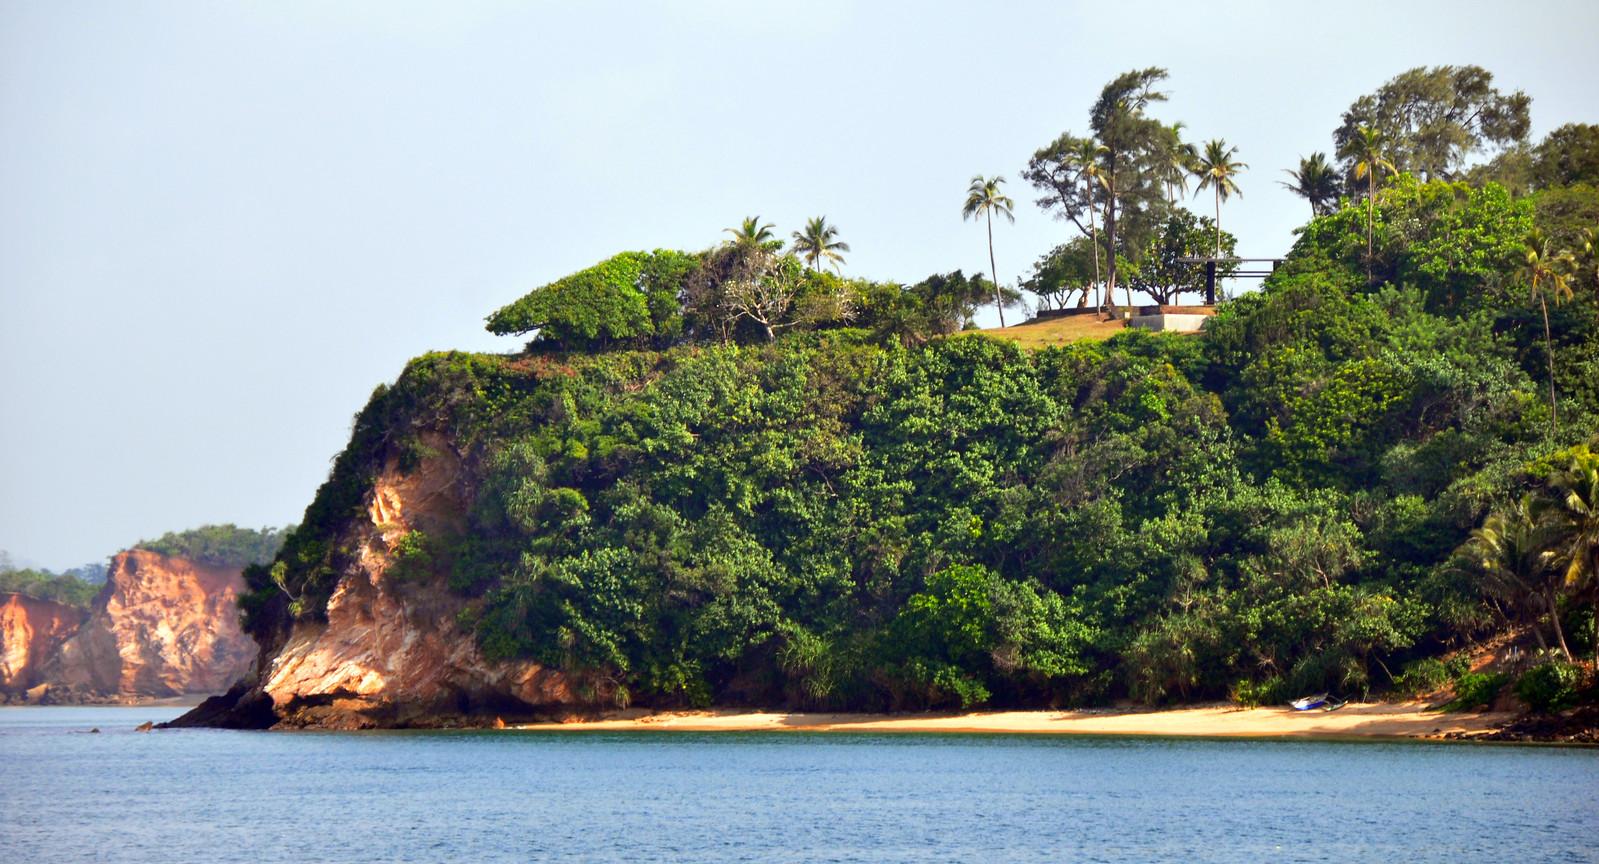 Qué hacer en Unawatuna, Sri Lanka qué hacer en unawatuna - 47083339082 b8c5fe57a6 h - Qué hacer en Unawatuna, el paraíso de Sri Lanka